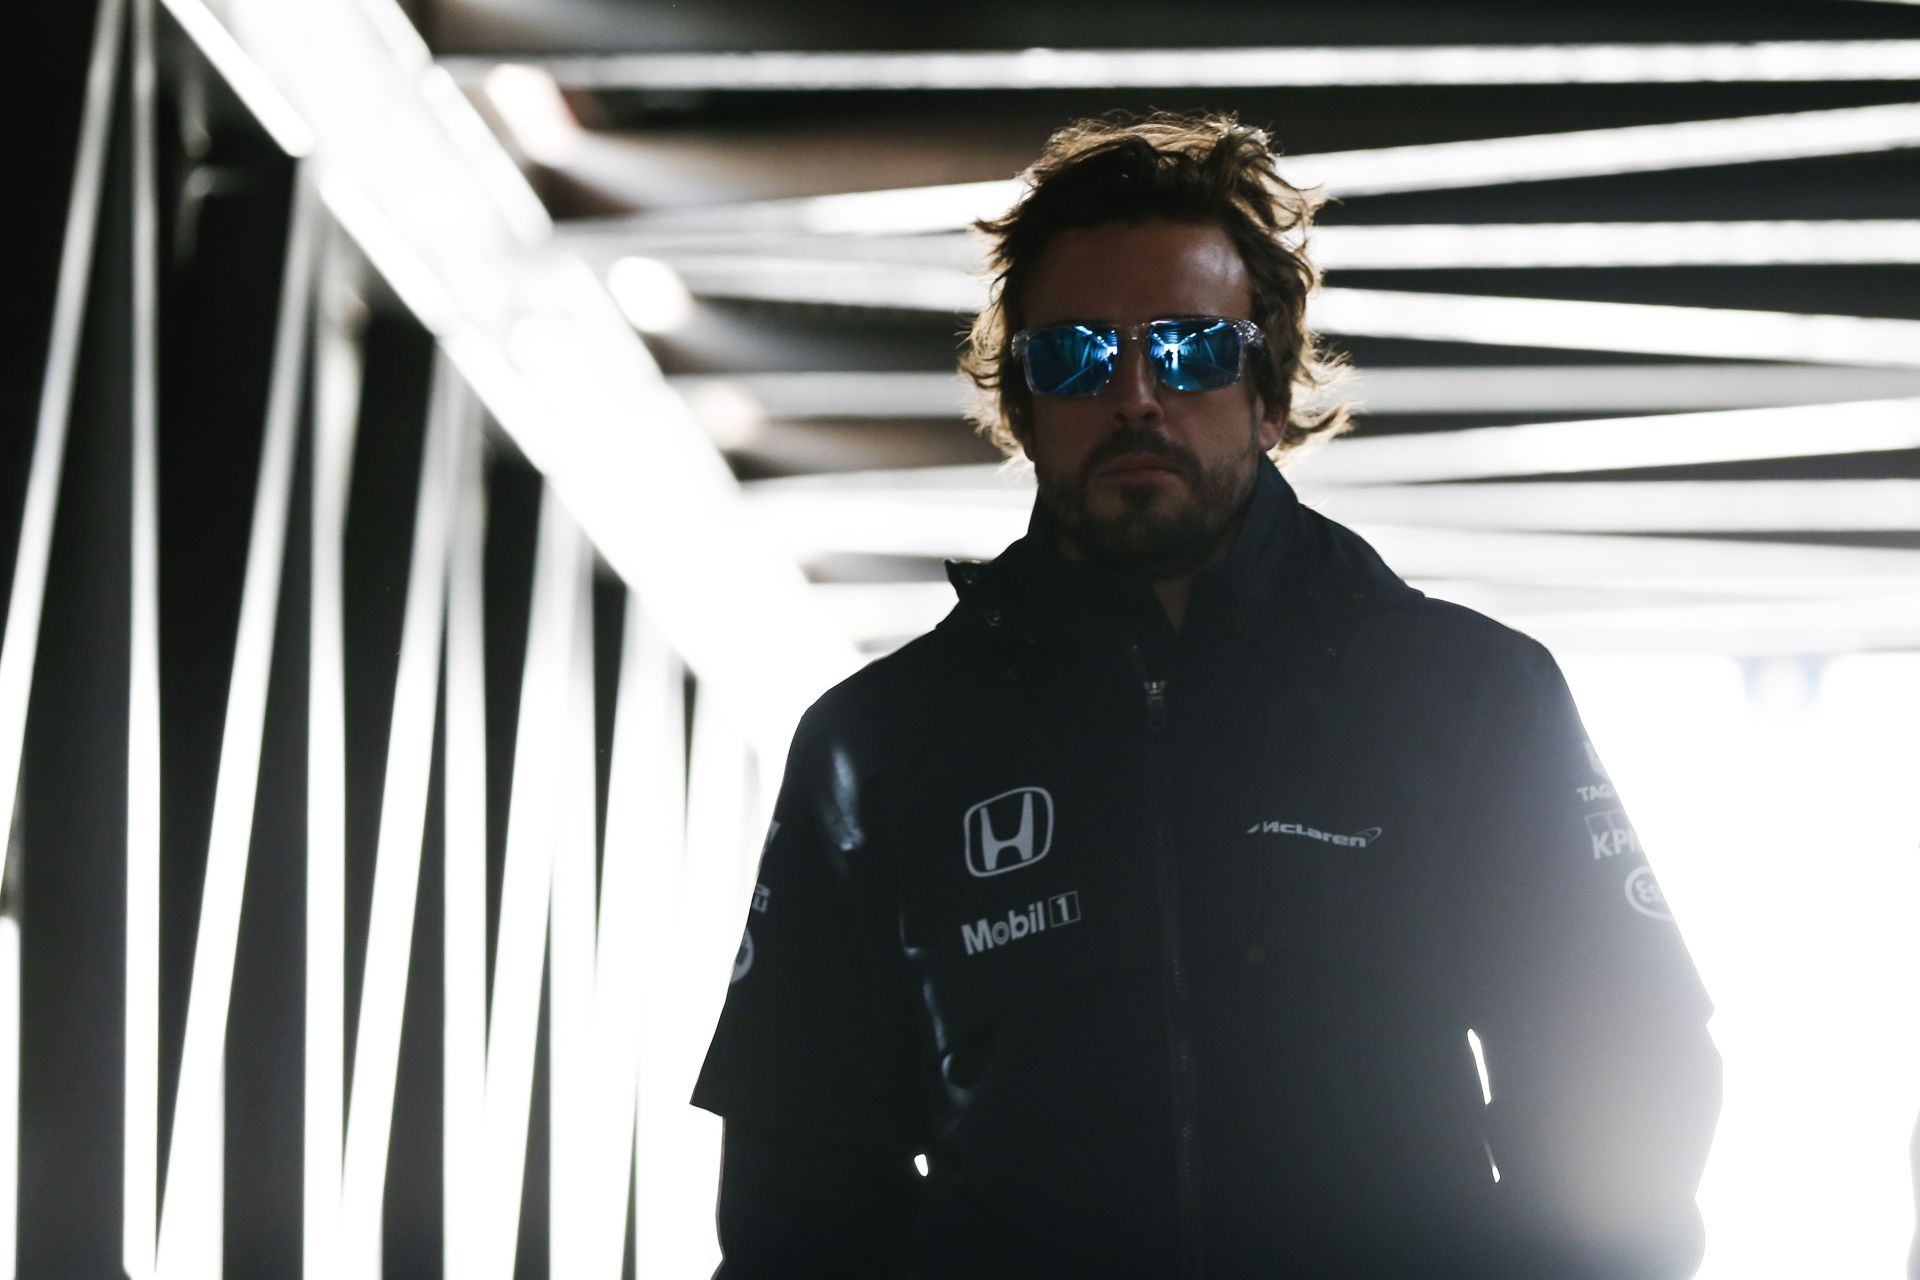 Videón a pillanat, amikor Alonso átveszi a trófeát: végre kapott valamit